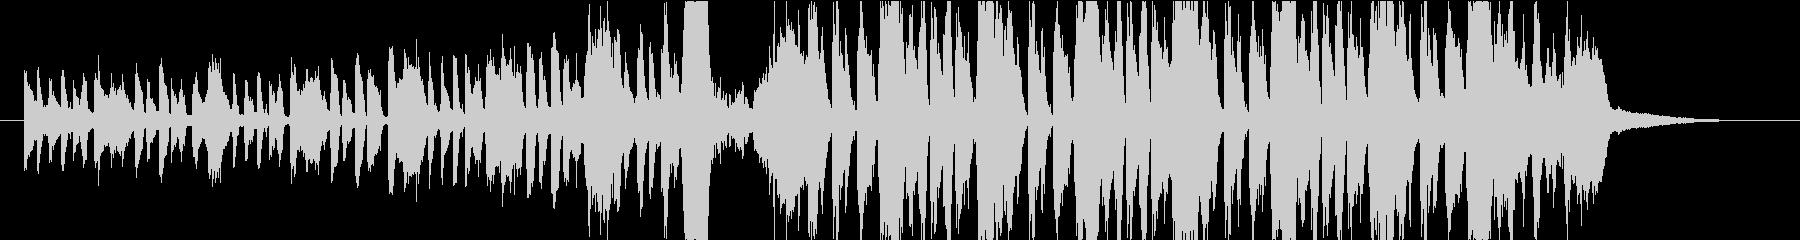 ゴーストダンス!レトロなジャズEDMの未再生の波形